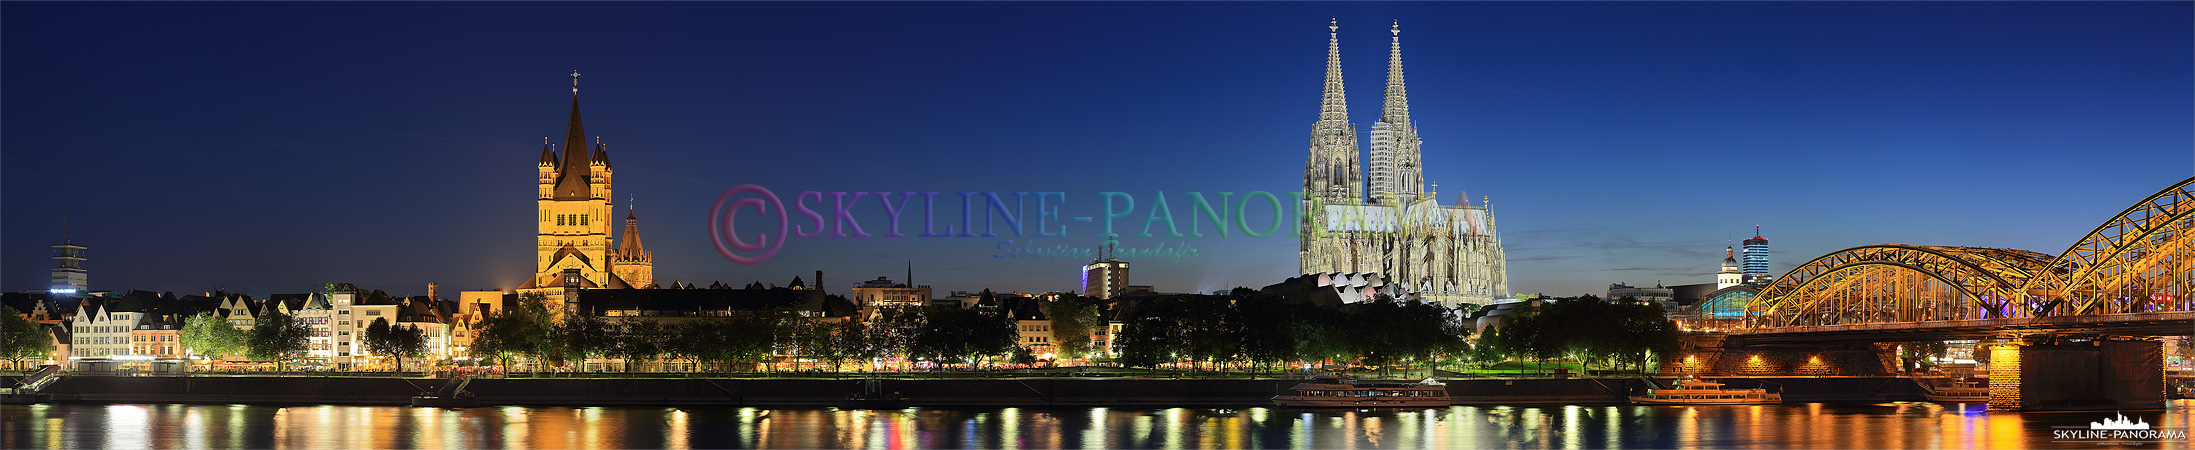 Panorama mit Kölner Dom - Die abendlich beleuchtete Skyline der Domstadt Köln - das Bild zeigt das Panorama vom Rheinufer aus auf die Kölner Altstadt mit der Kirche Sankt Martin und dem Kölner Dom zur einbrechenden Nacht.